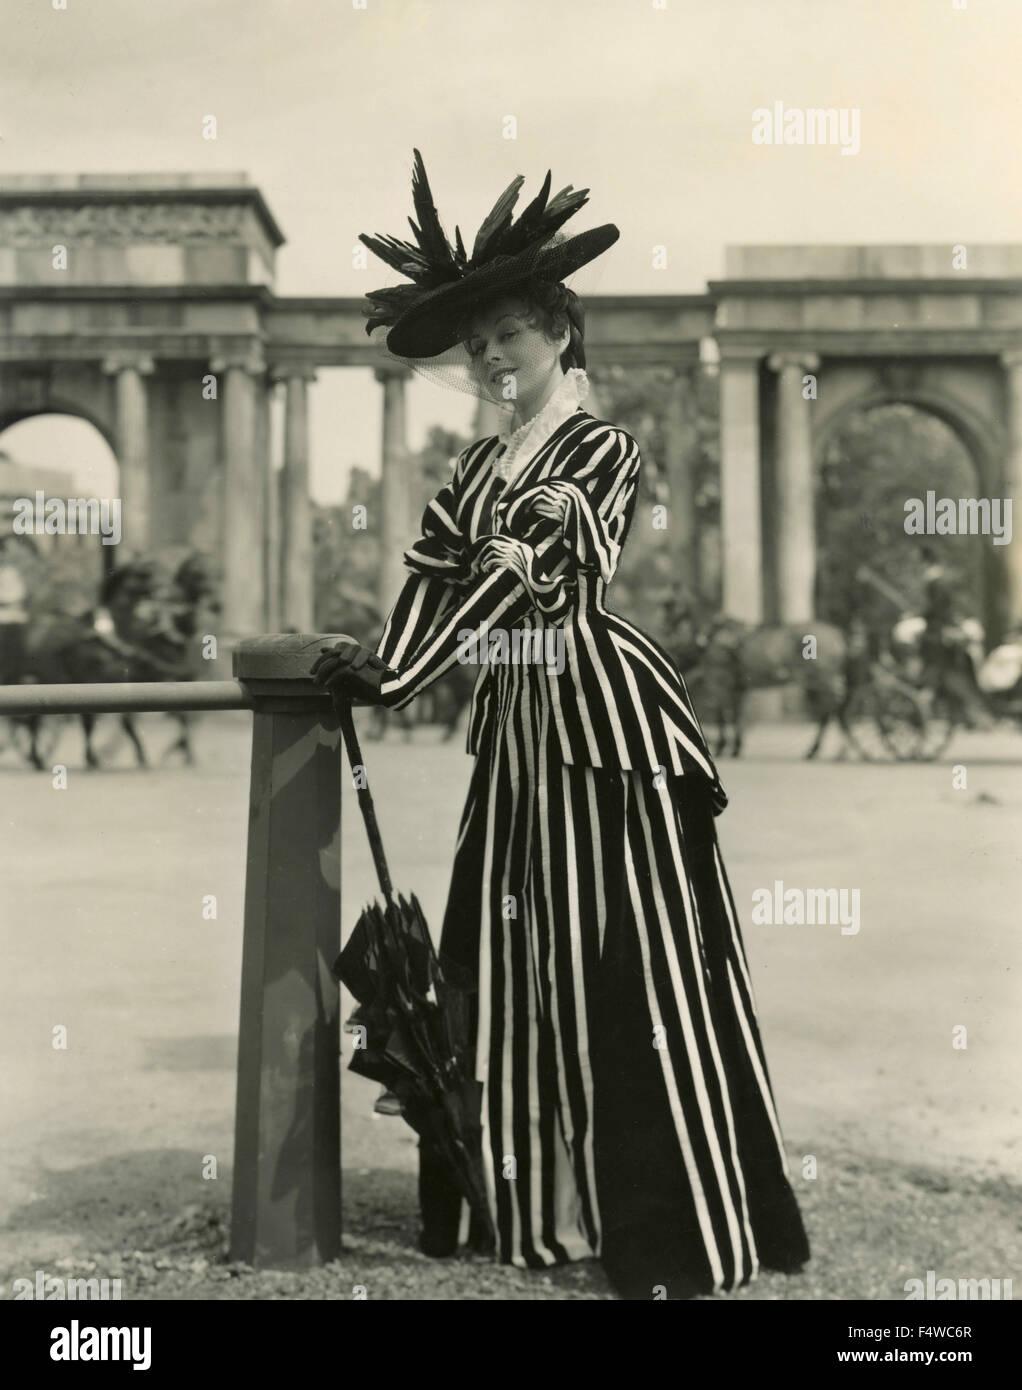 Una modelo presenta un vestido estilo 1800 en rayas blancas y negras Imagen De Stock